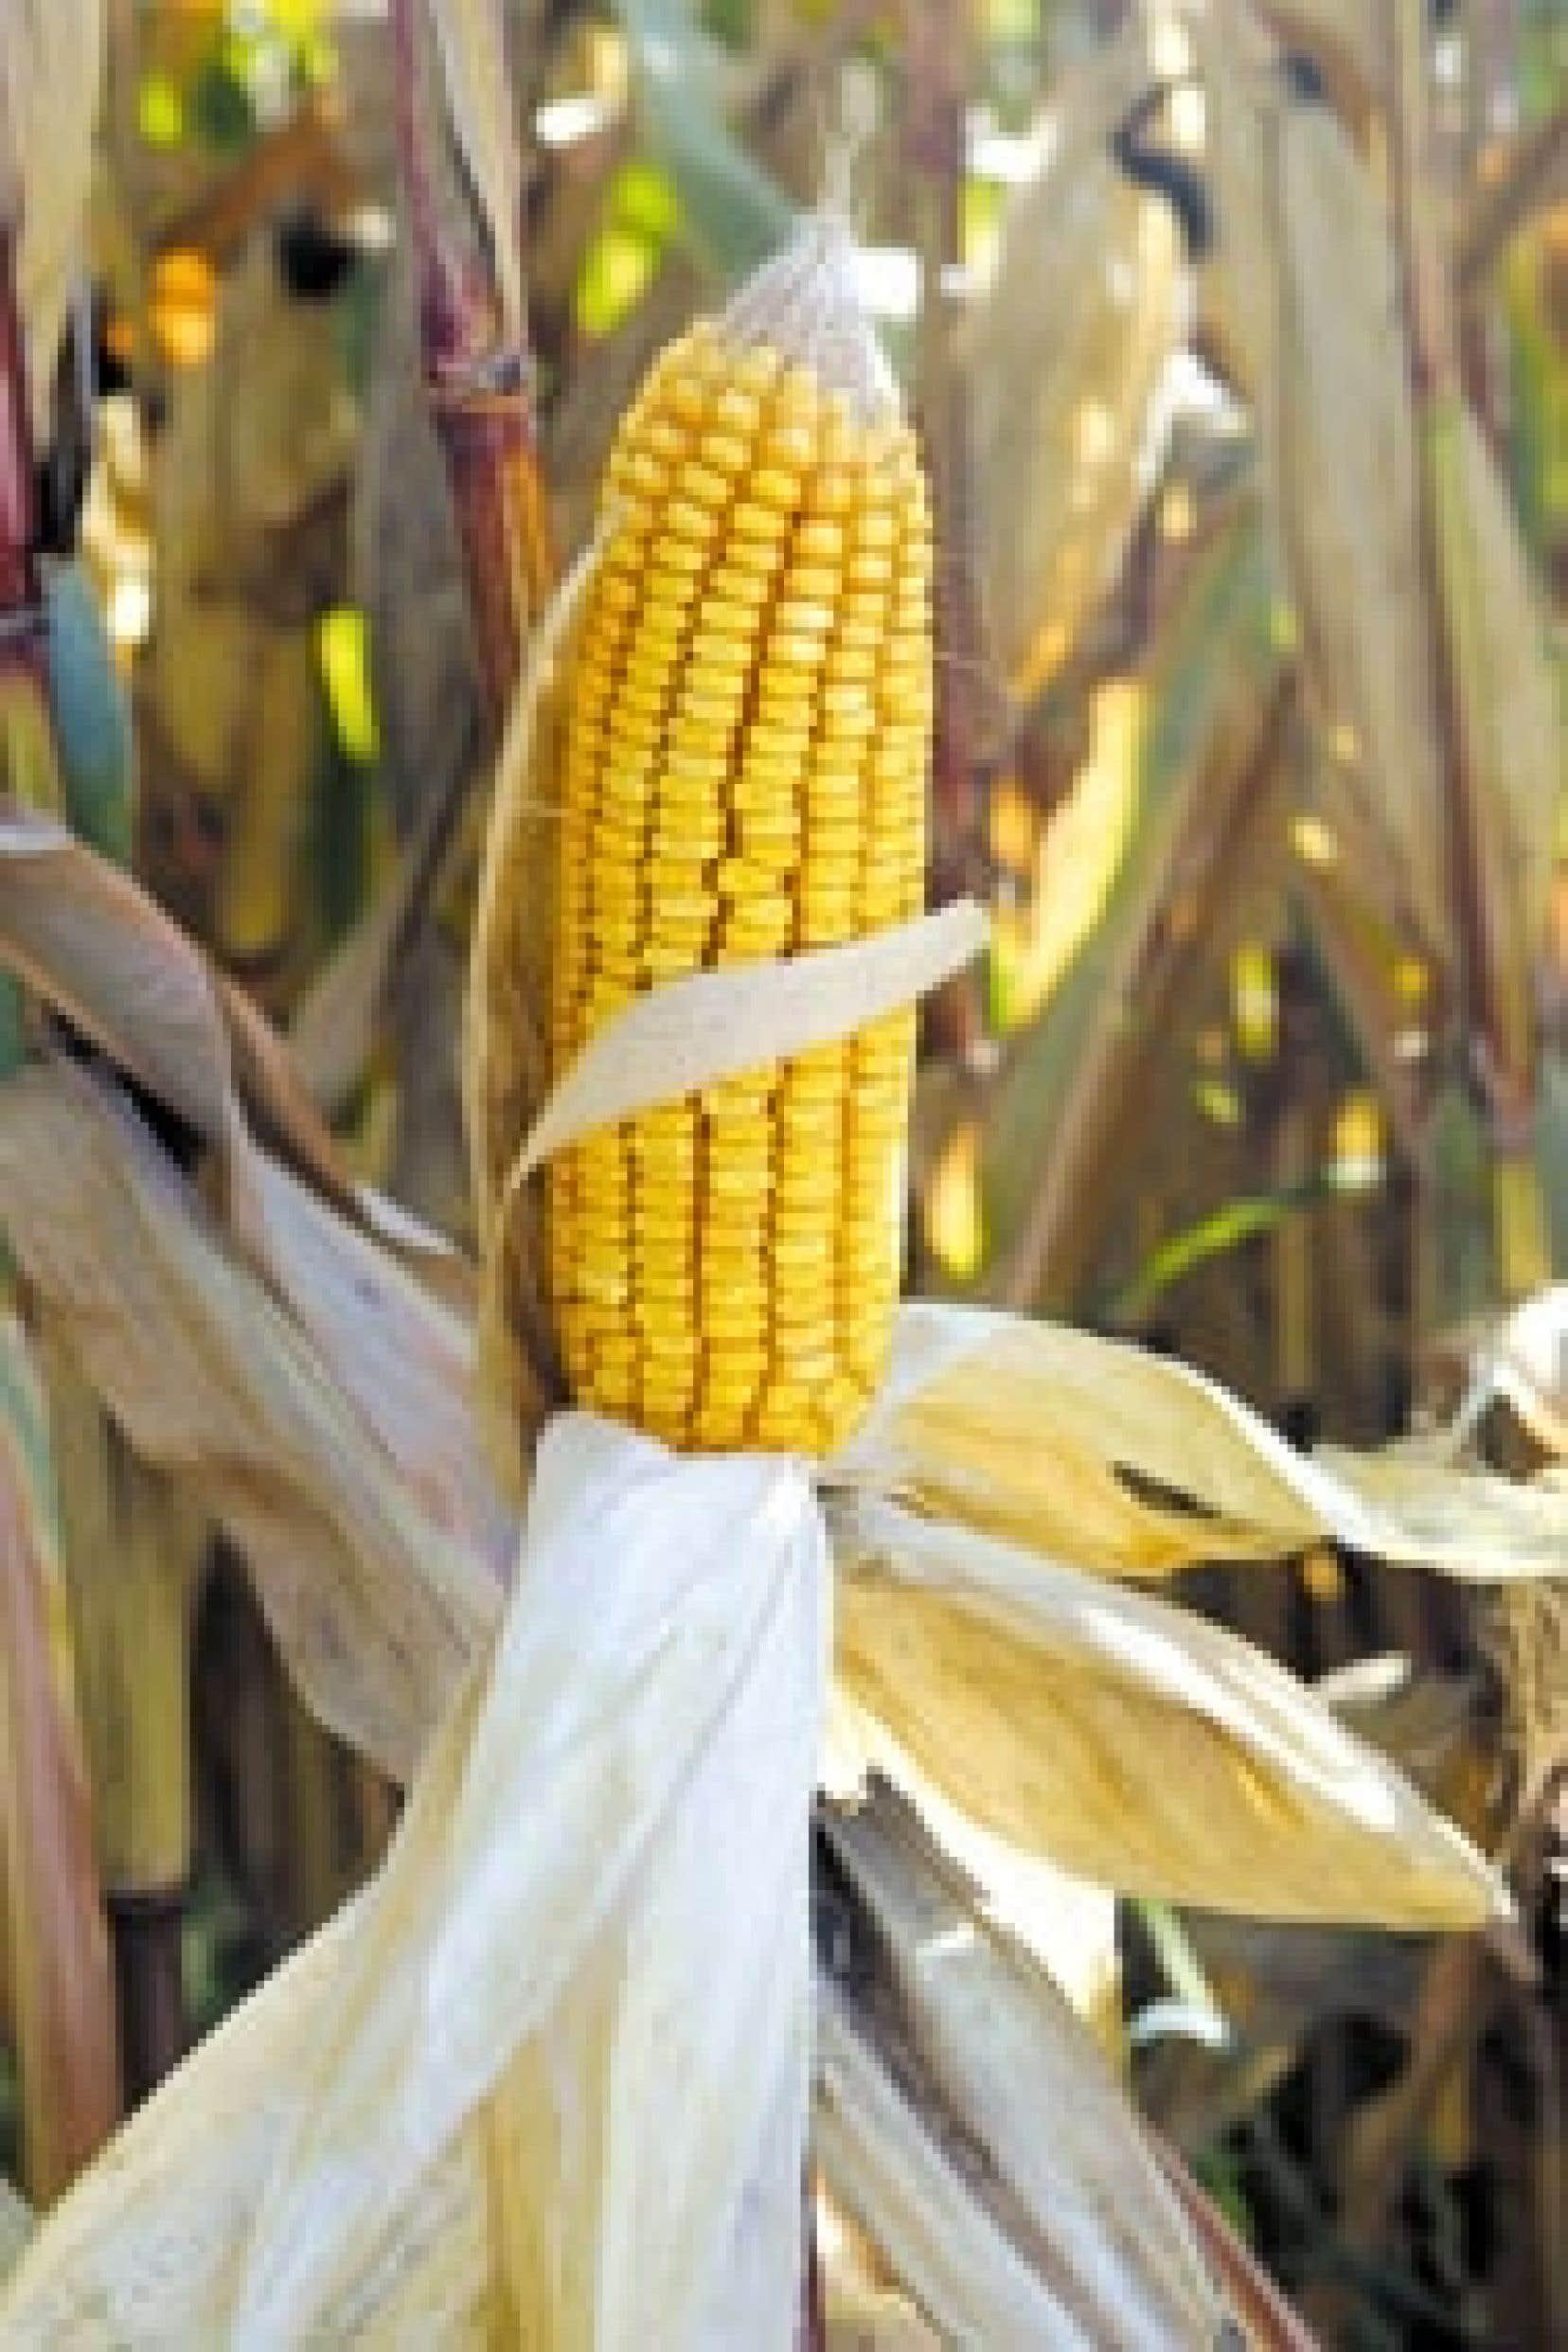 Les États-Unis, le Canada et l'Argentine avaient porté plainte en mai 2003 contre Bruxelles, estimant que le moratoire sur l'importation d'OGM était sans fondement scientifique et qu'il s'agissait en fait d'une mesure protectionniste en fa